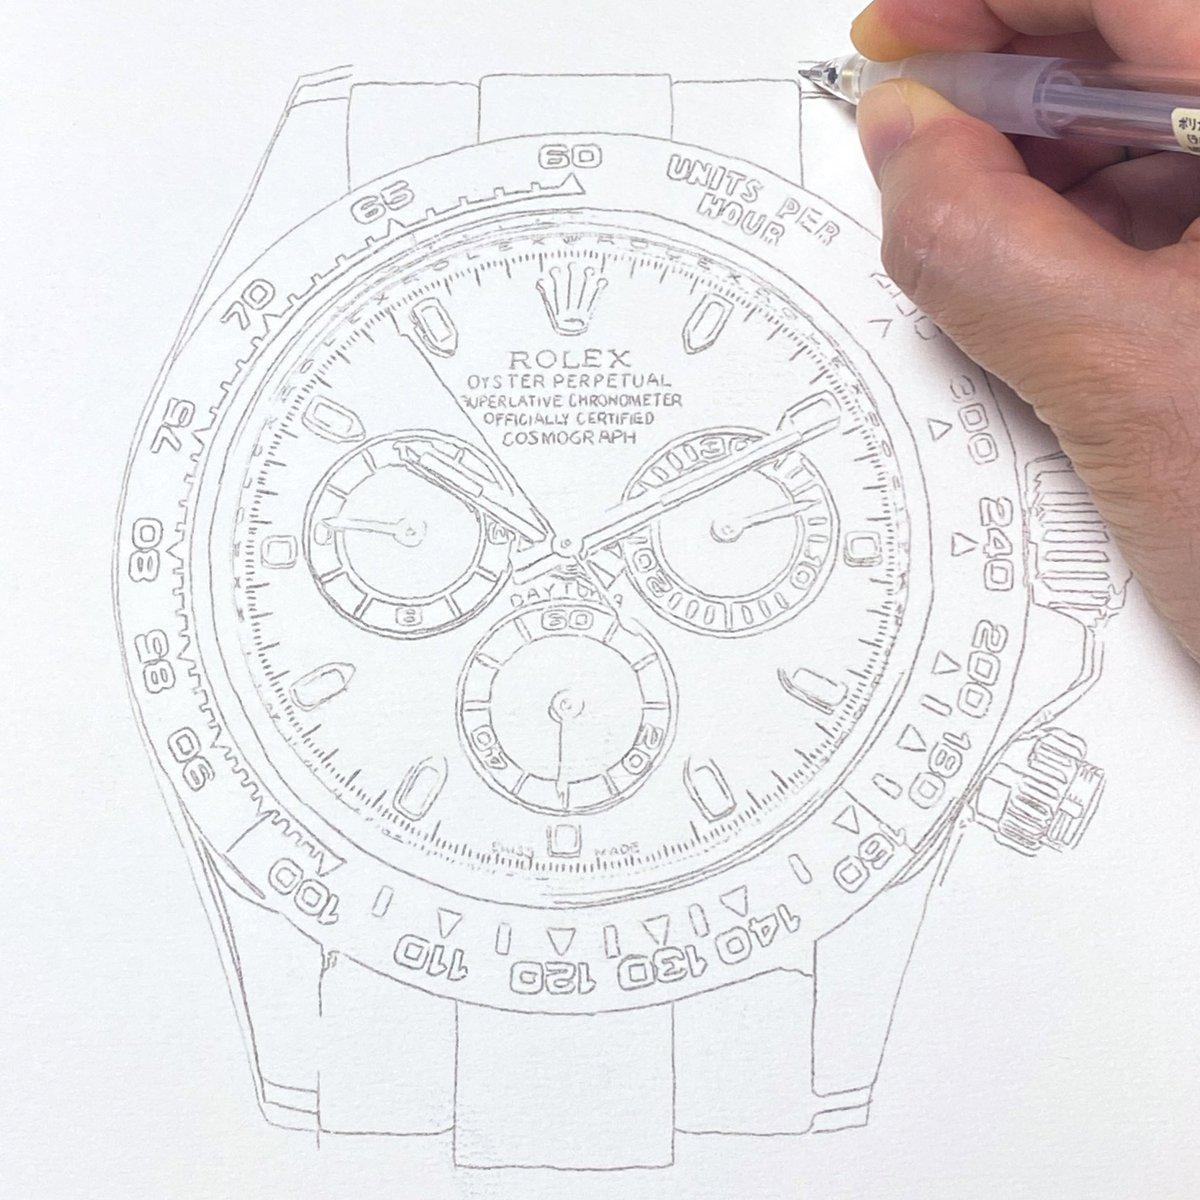 test ツイッターメディア - 今日も描いてます。「ROLEX コスモグラフ デイトナ 116506」。 #stainart #ステインアート #art #アート #腕時計 #時計 #ロレックス #Rolex #デイトナ #daytona https://t.co/bwxW64WeFa